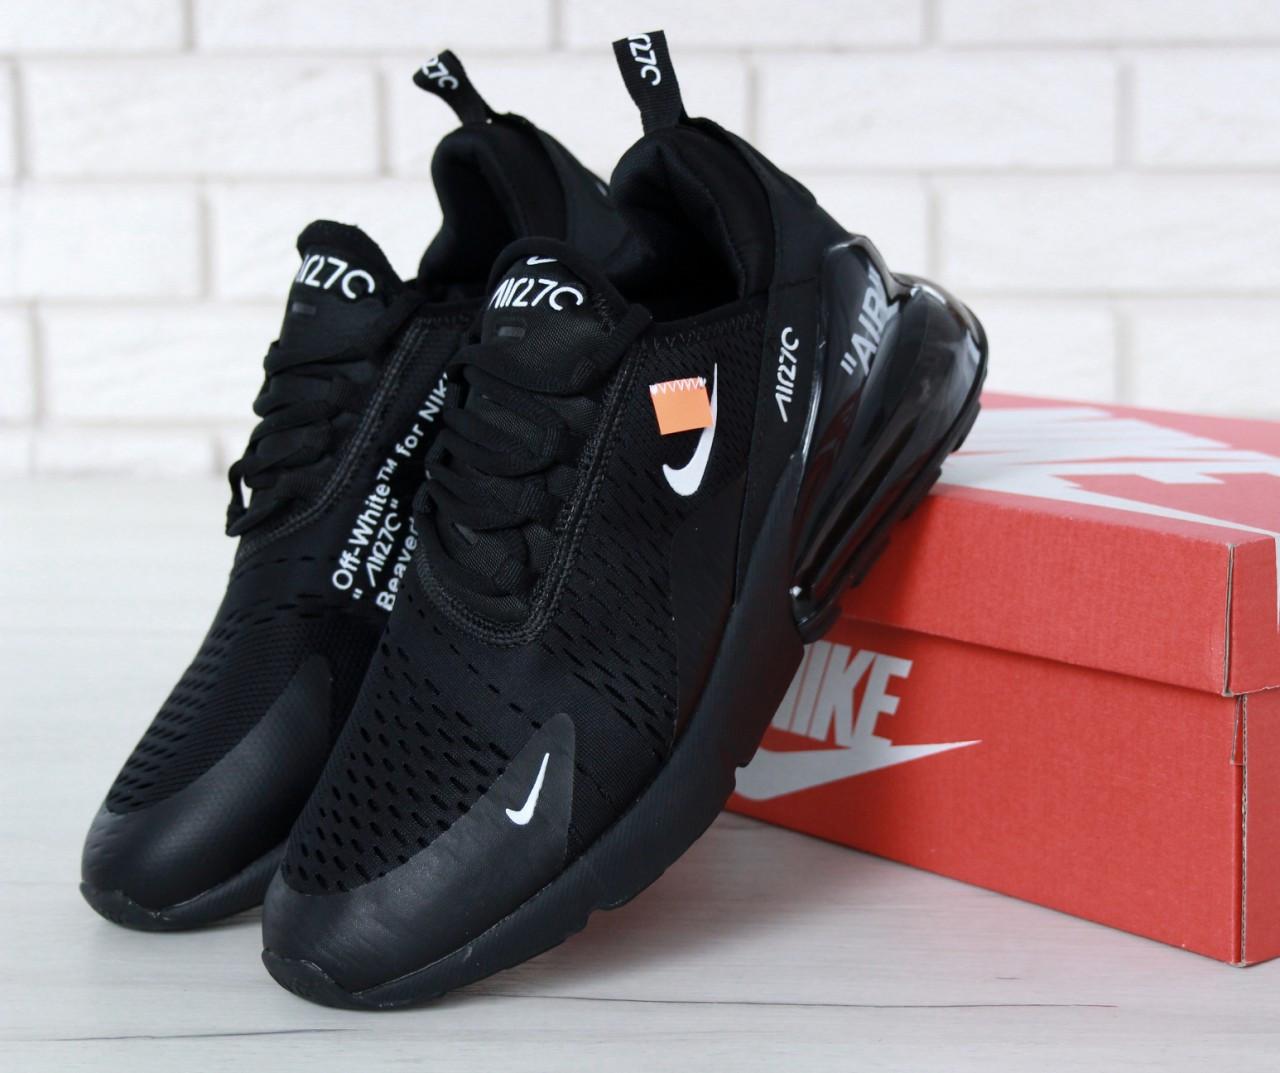 5084f84c Мужские кроссовки Nike Air Max 270 весна-осень молодежные стильные найк под  джинсы (черные